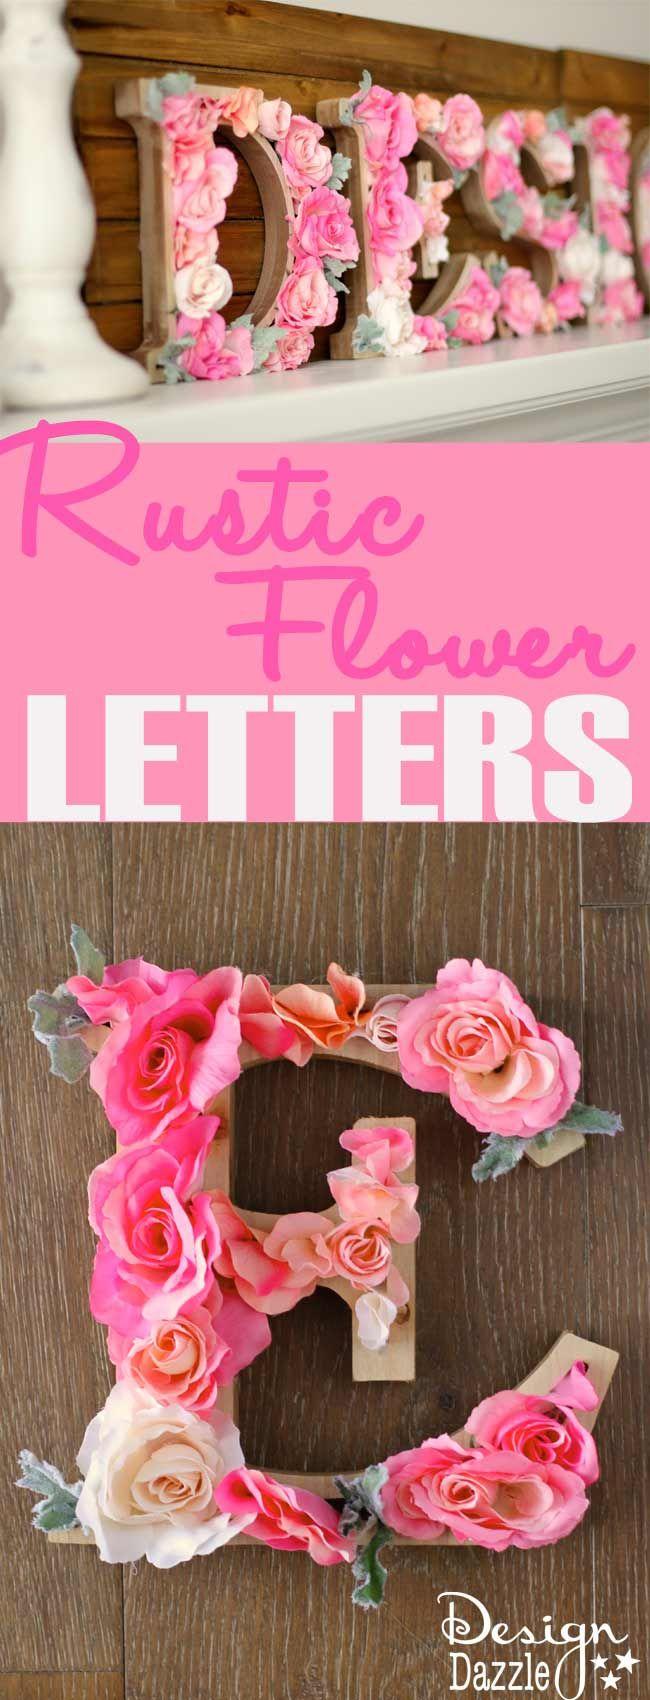 Diy Rustic Letters With Flowers Voc Mesmo Fa A Voc Mesmo E  ~ Decoração De Quarto Faça Vc Mesmo